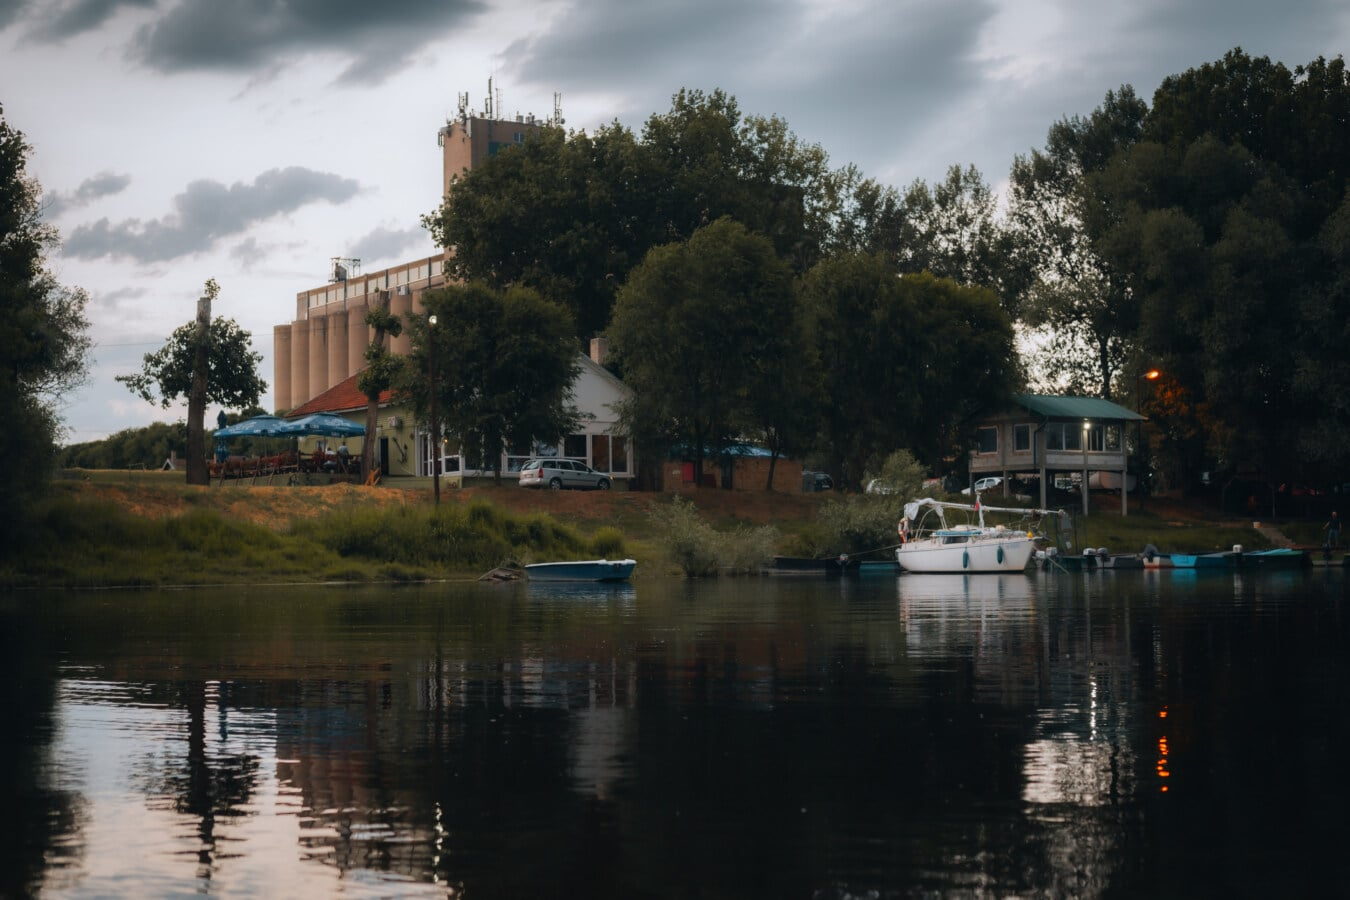 au bord du lac, soirée, zone de villégiature, réflexion, eau, Lac, architecture, rivière, rive, remise à bateaux